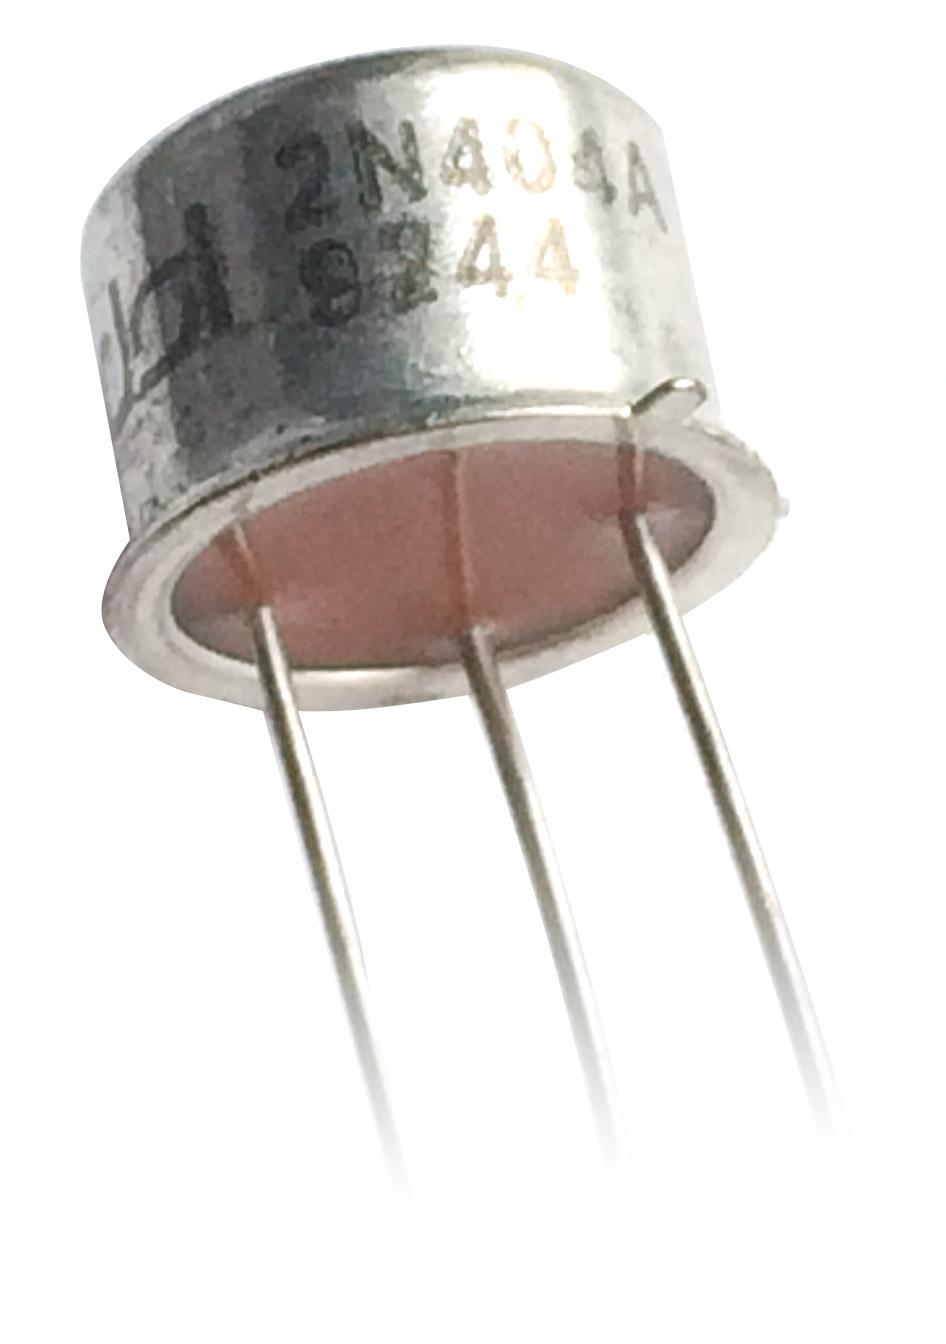 2N2222 - Farnell element14